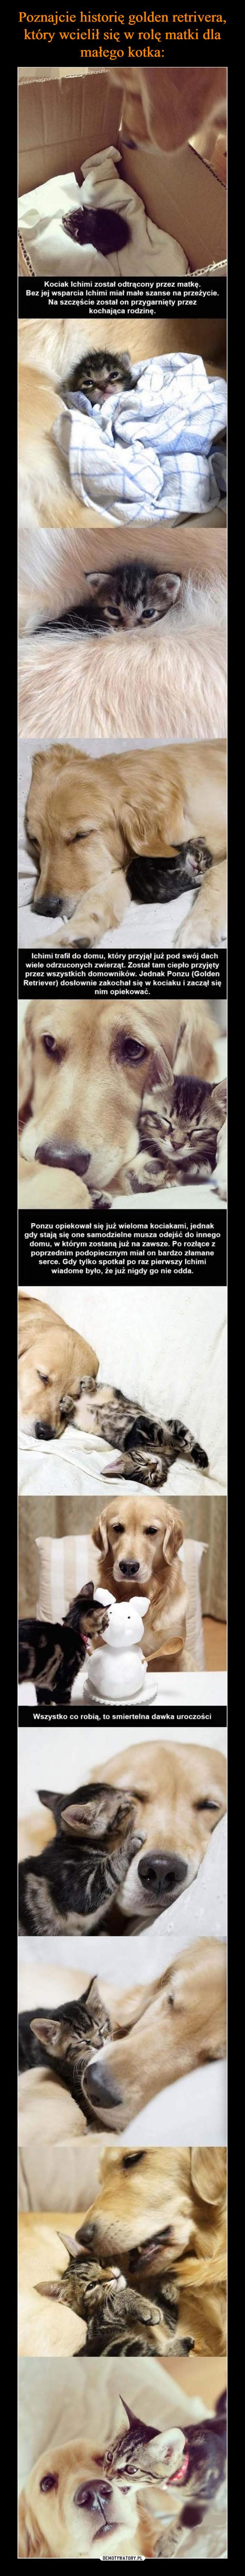 –  Poznajcie historię golden retrivera,który wcielił się w rolę matki damałego kotka:Ponzu epiekowal sie juz wielome kociakani, jedeakwiadome byto, e ju rigdy go nie odds